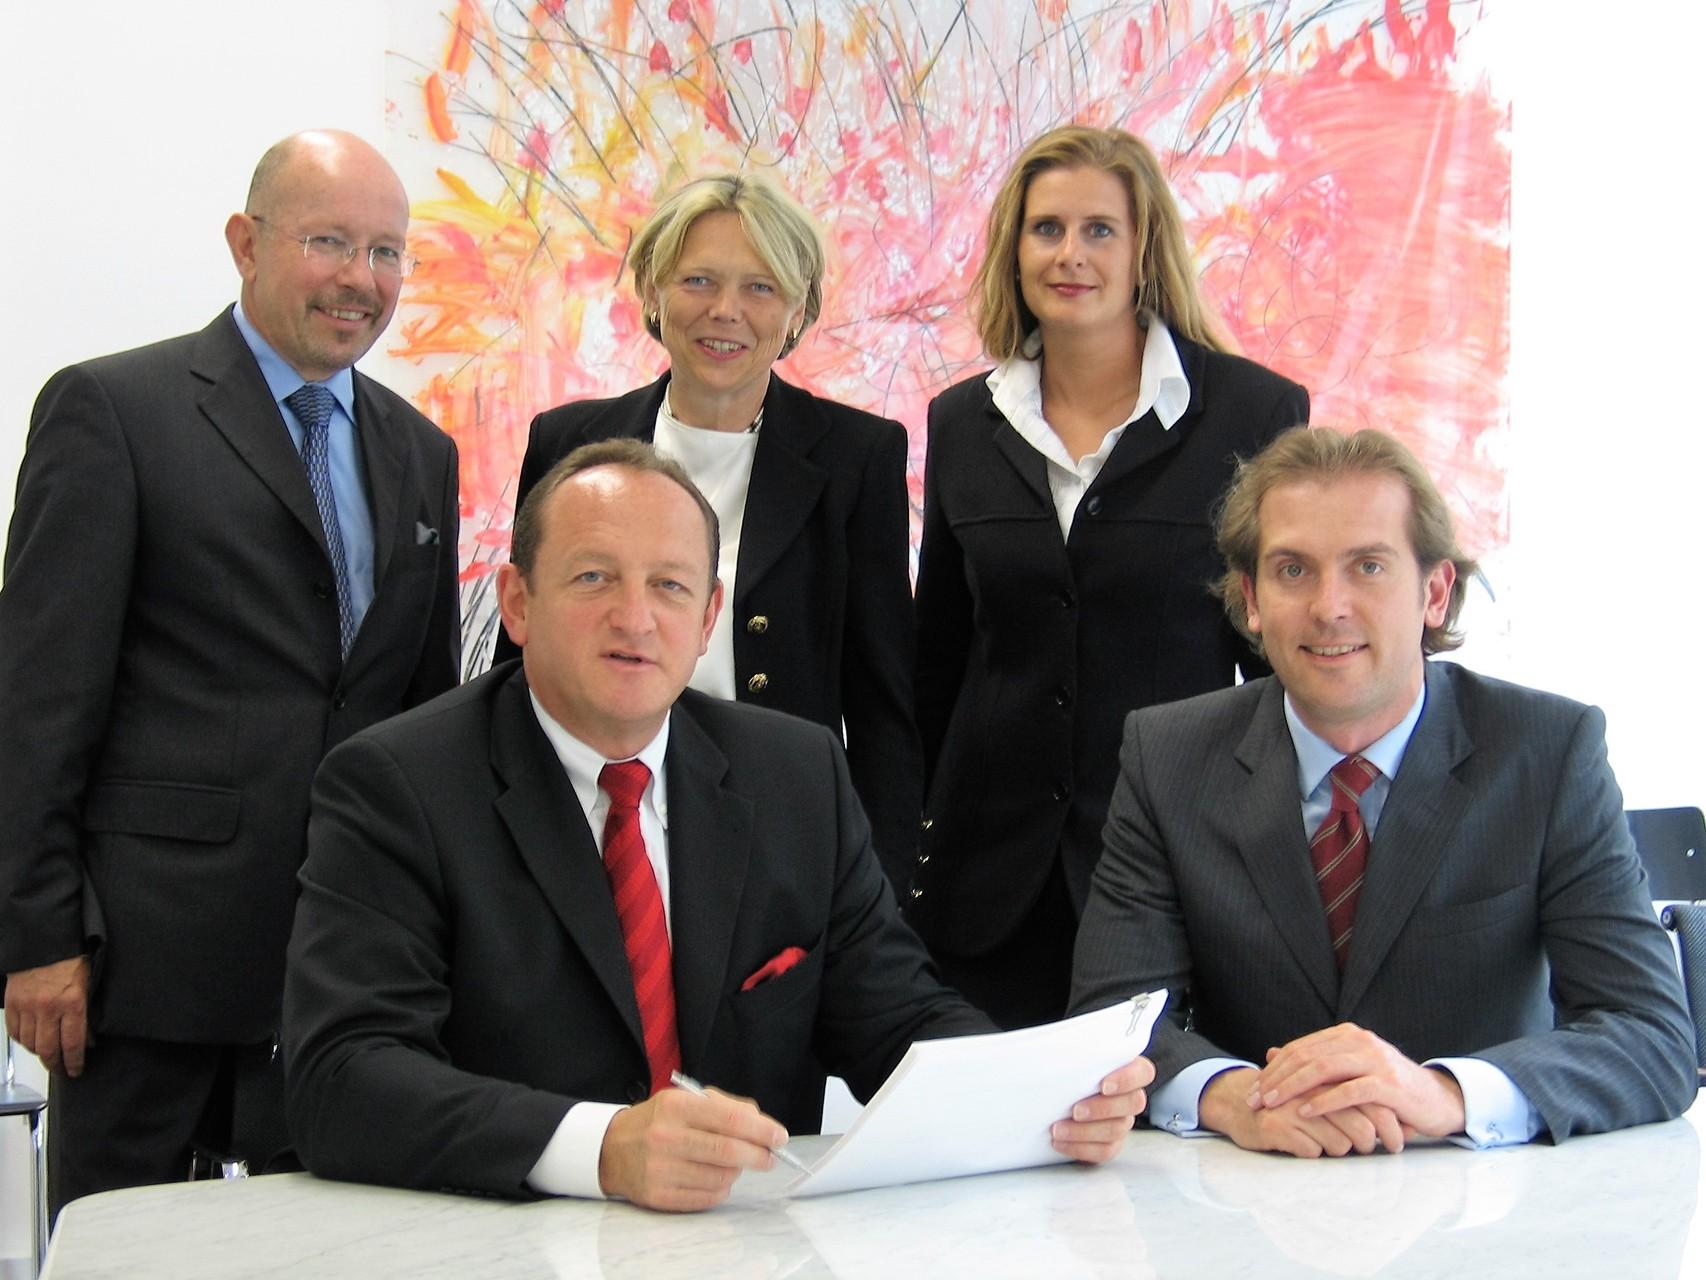 Die Gründer des BRSI e. V. beginnend von links mit unserem heutigen Vorstand und Geschäftsführer Dr. Dieter Körner sowie unserem Initiator Eugen M. Angster †, Gabriele Stahl, Susanne Meixner und Werner von Anhalt